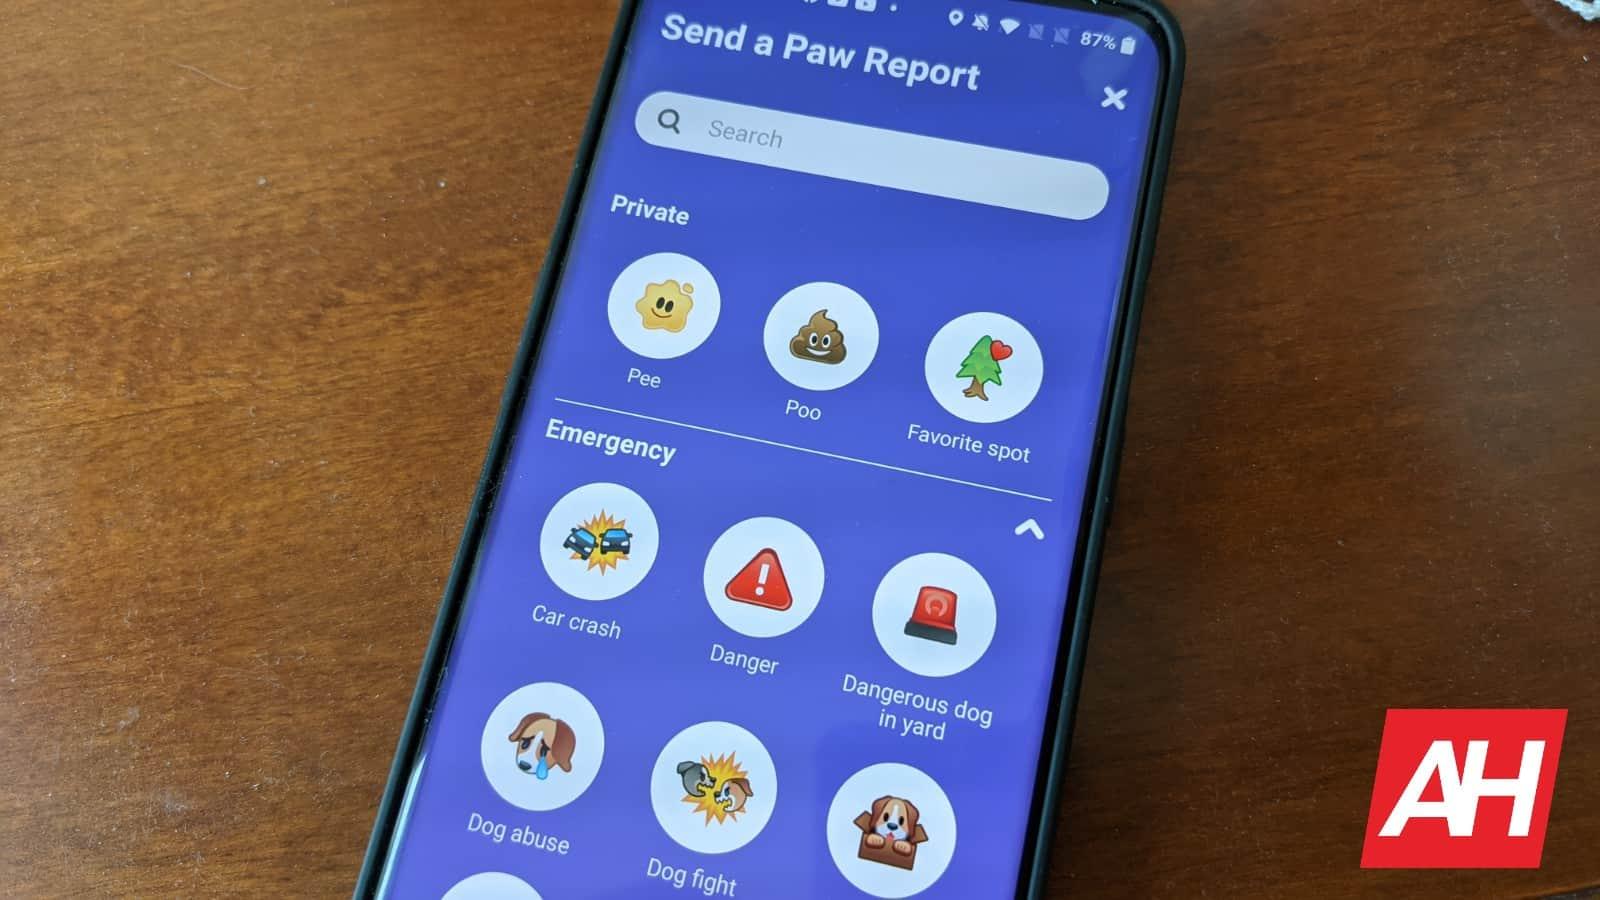 Paway App Is Like Waze, But For Dogs